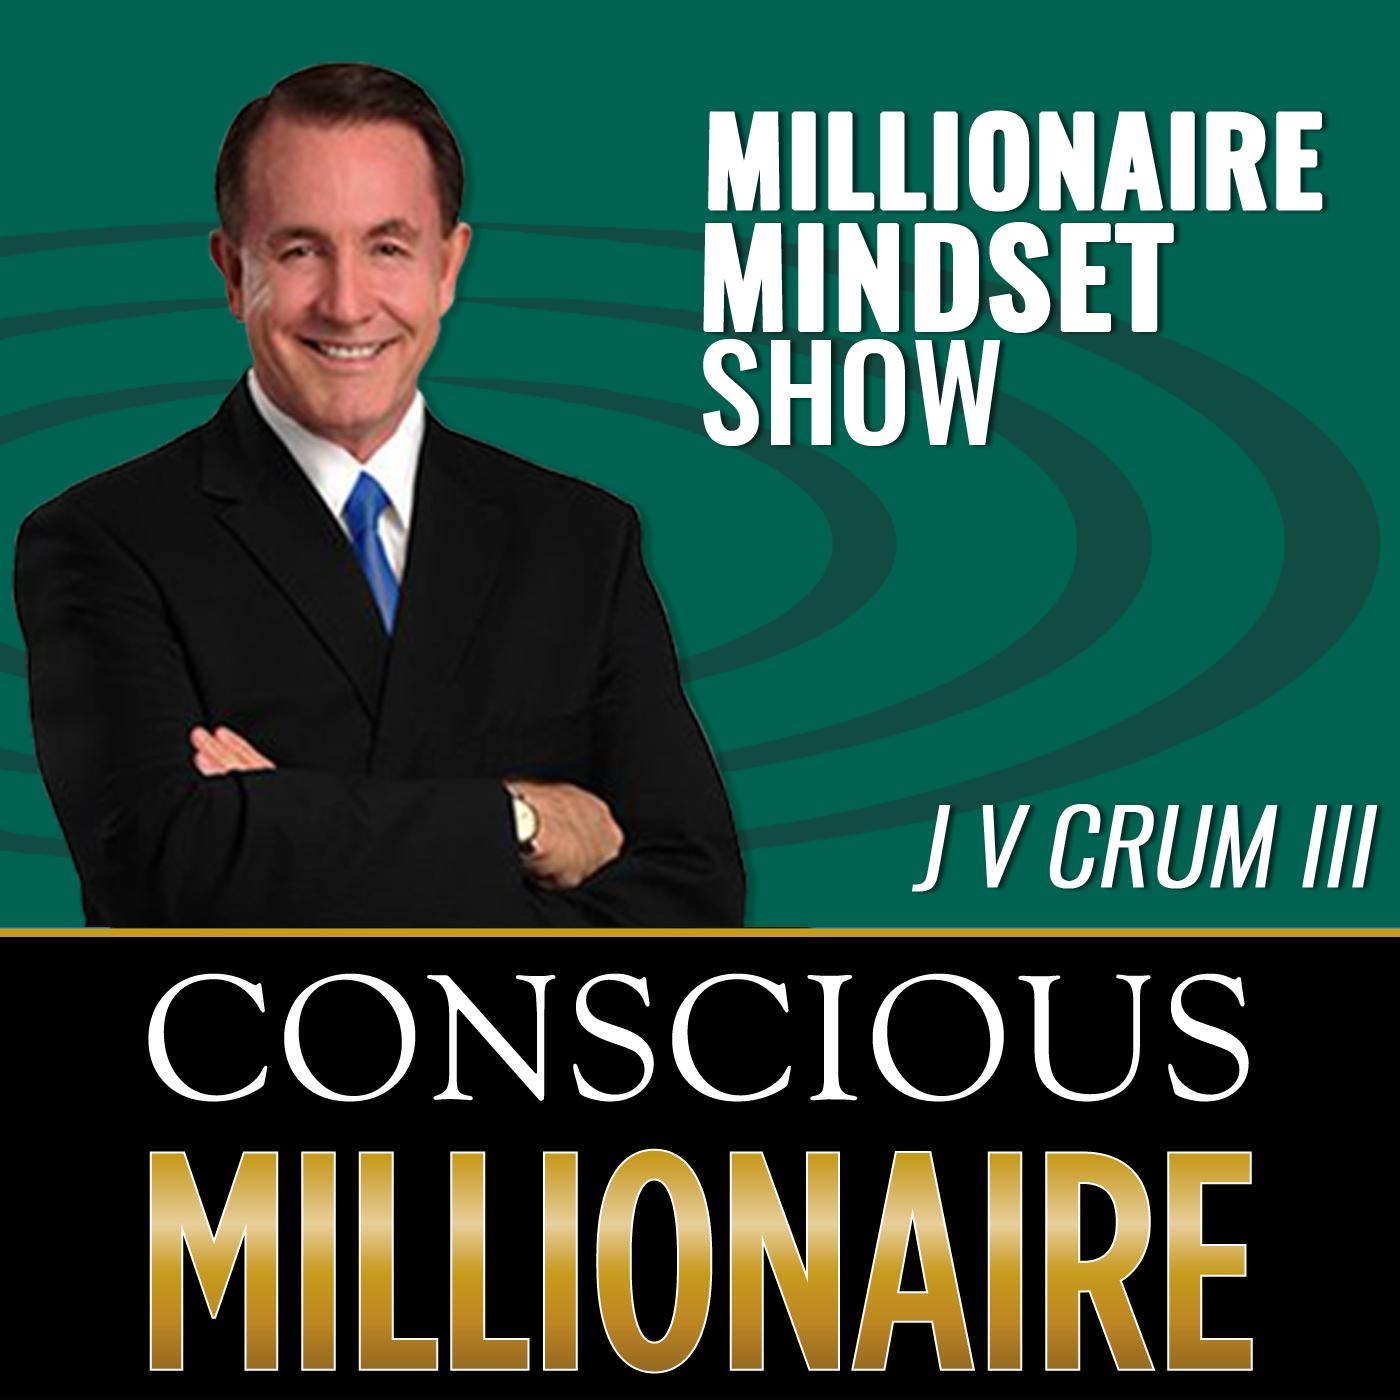 Conscious Millionaire Mindset show image